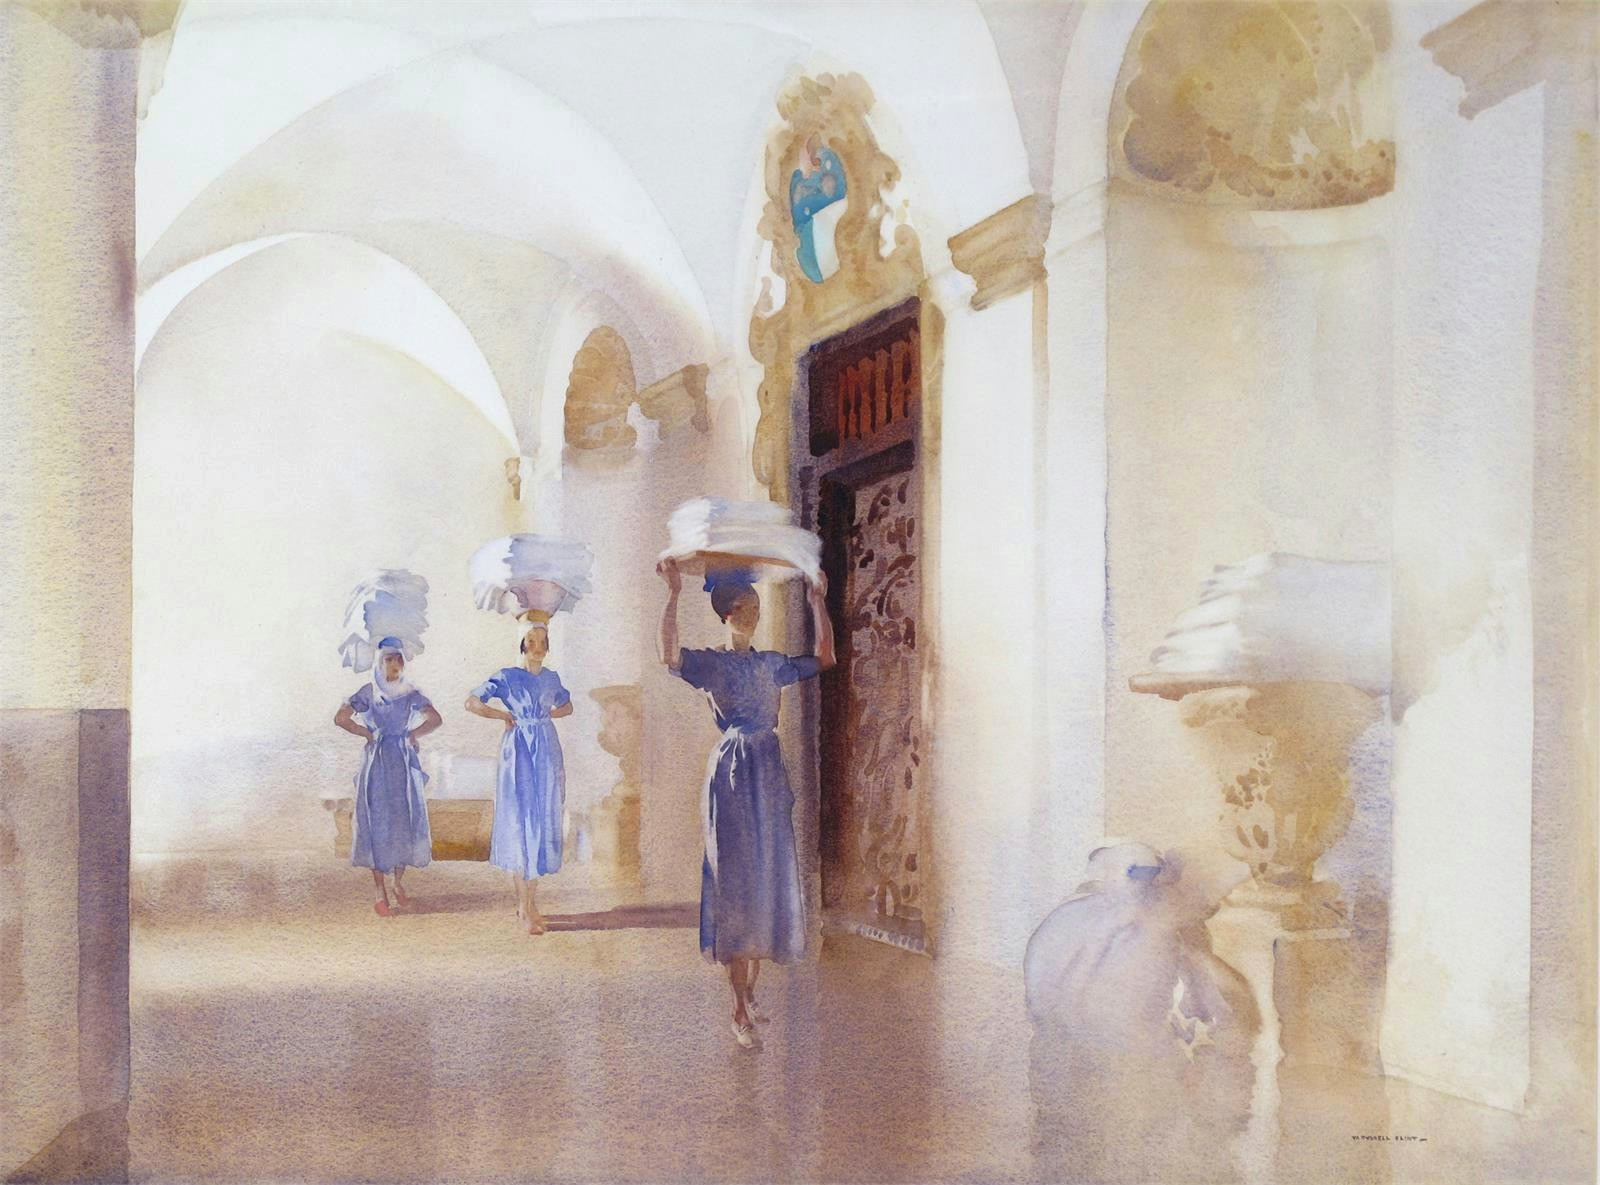 Дворец холста (The Palace Linen)_50 x 67.5_бумага, акварель_Частное собрание.jpg